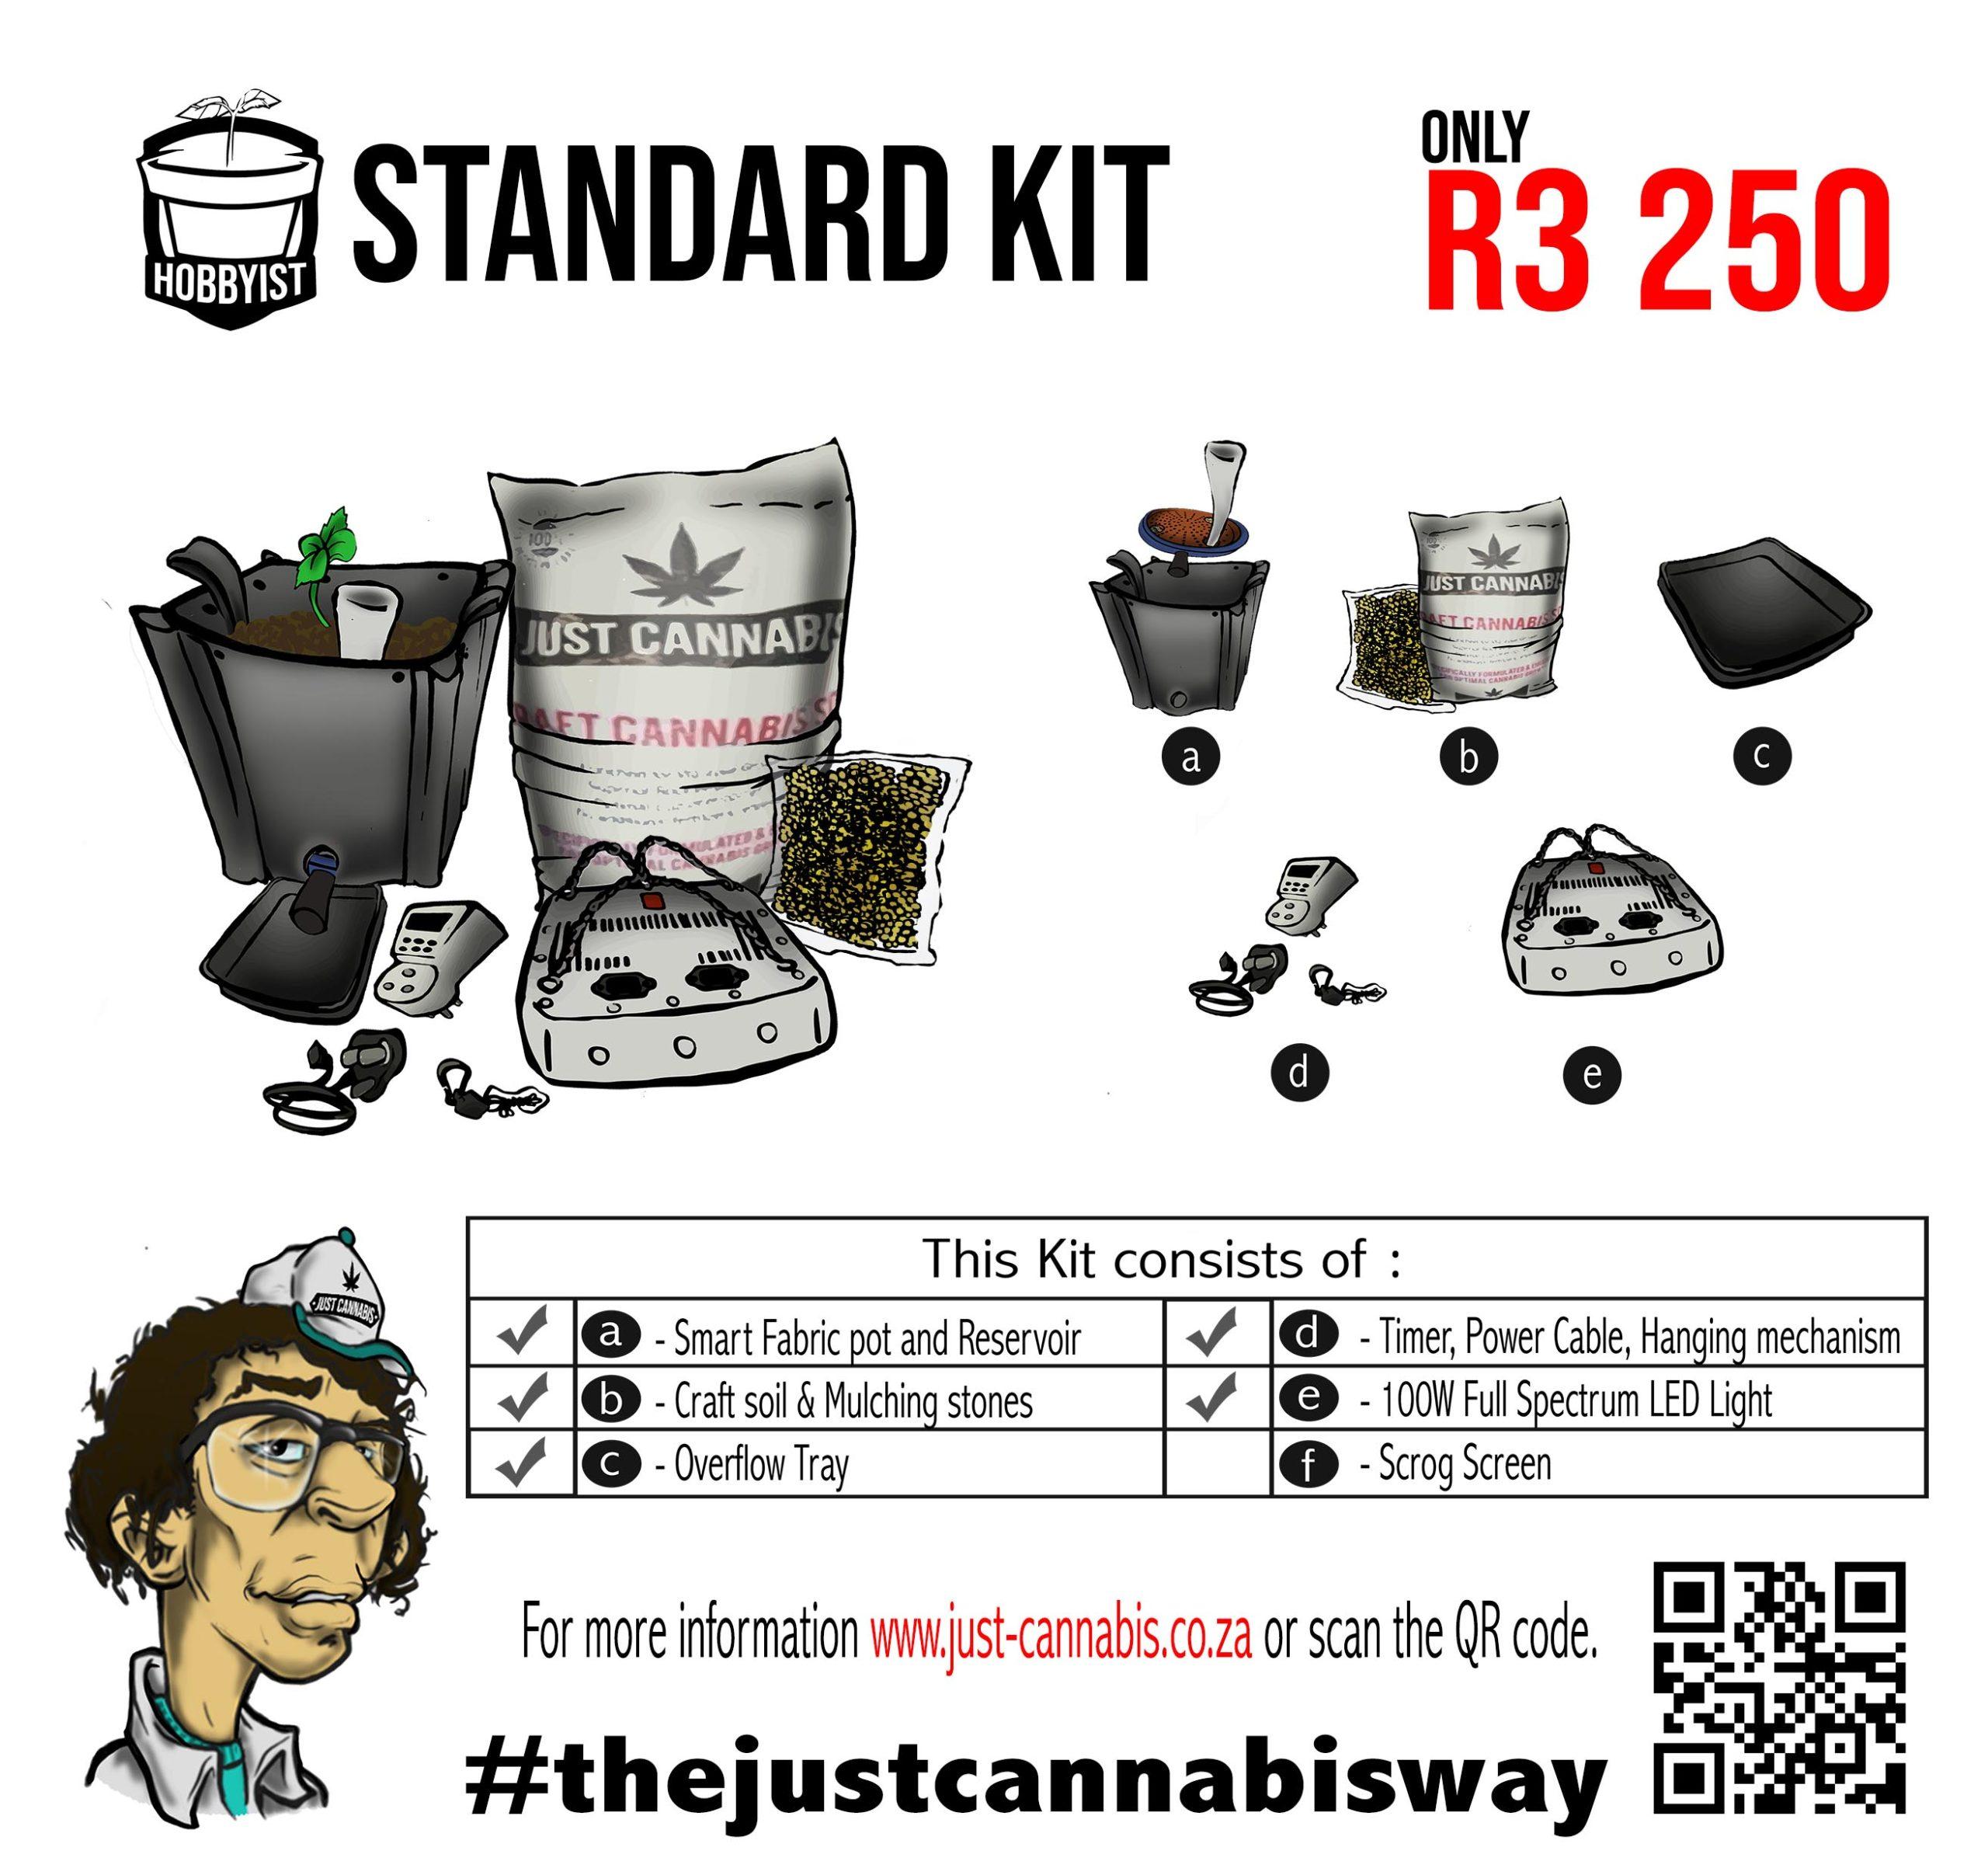 Hobbyist Standard Kit